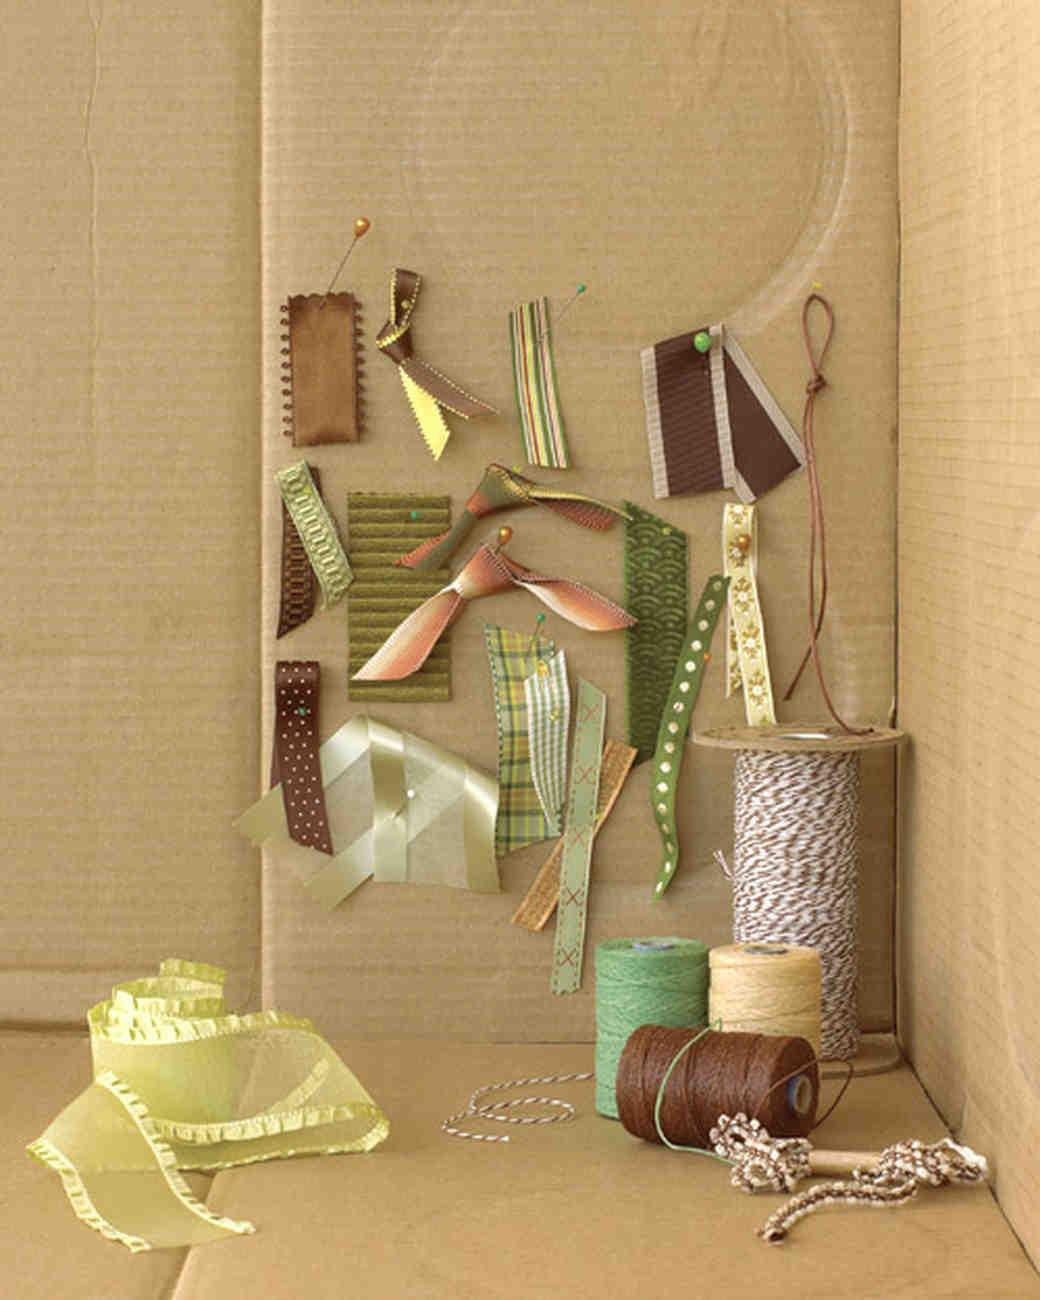 wd101495_fal05_ribbons.jpg